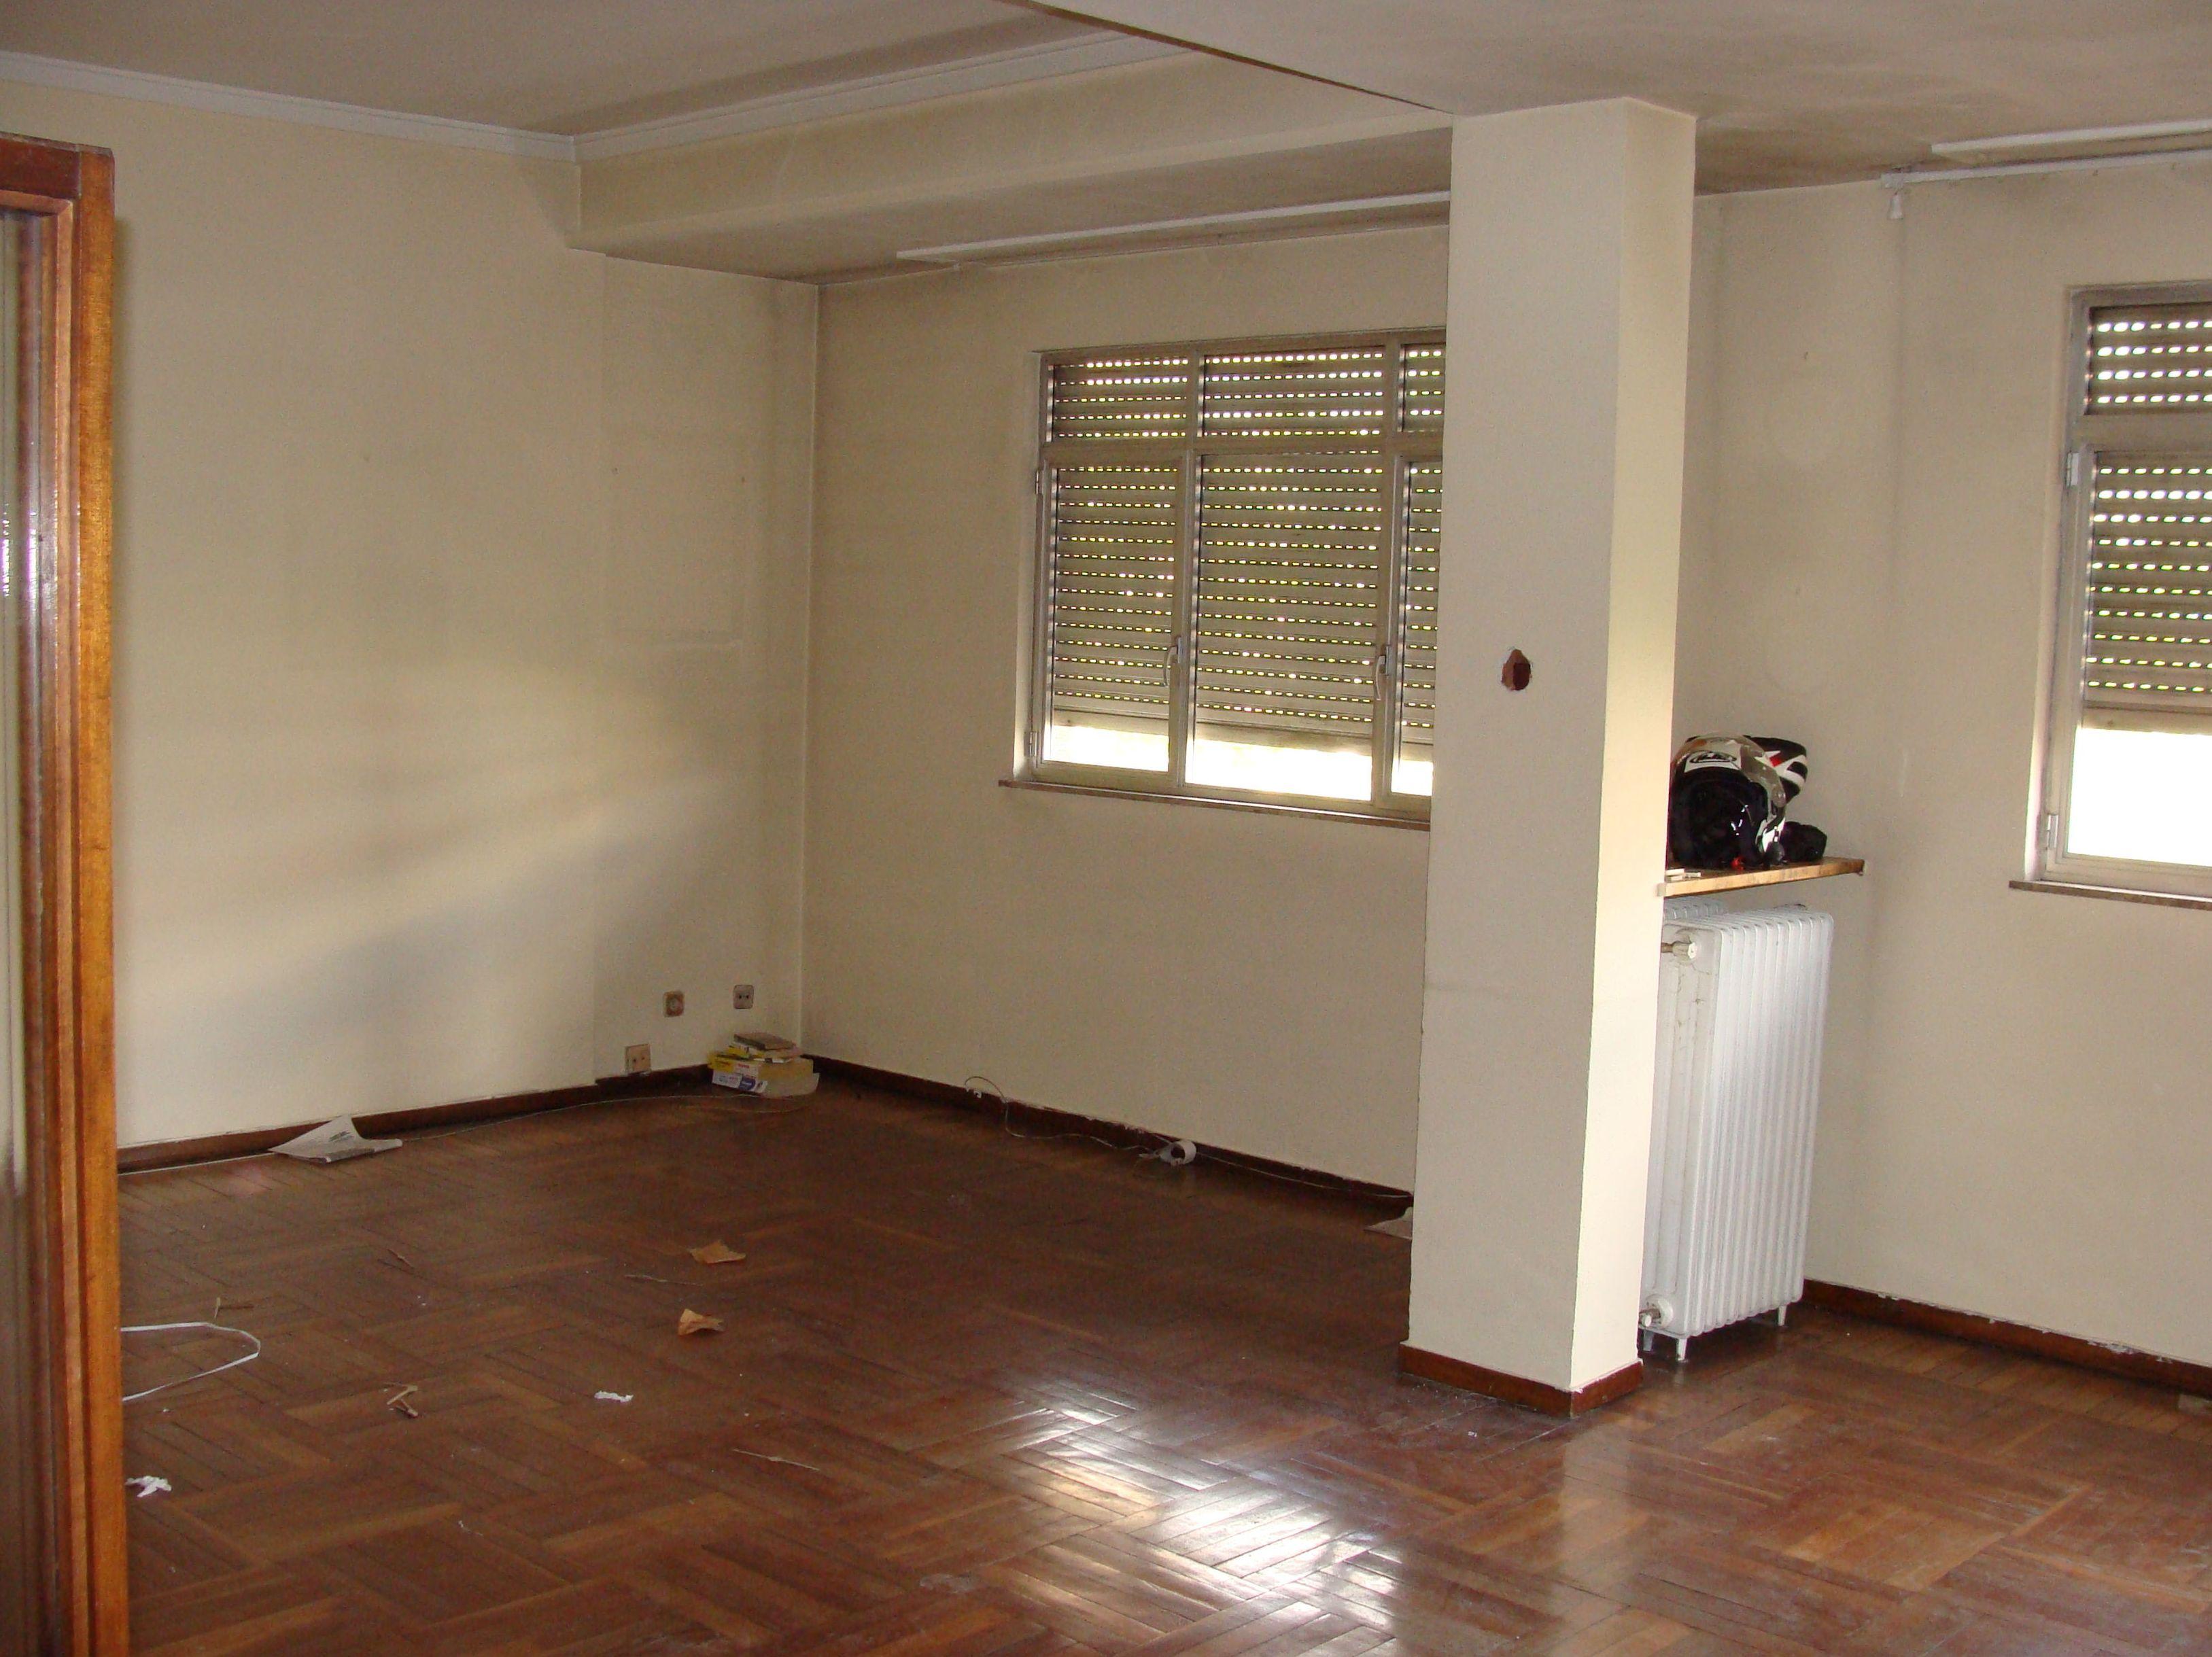 Rehabilitación de vivienda en C/Ríos Rosas, 44 de Madrid